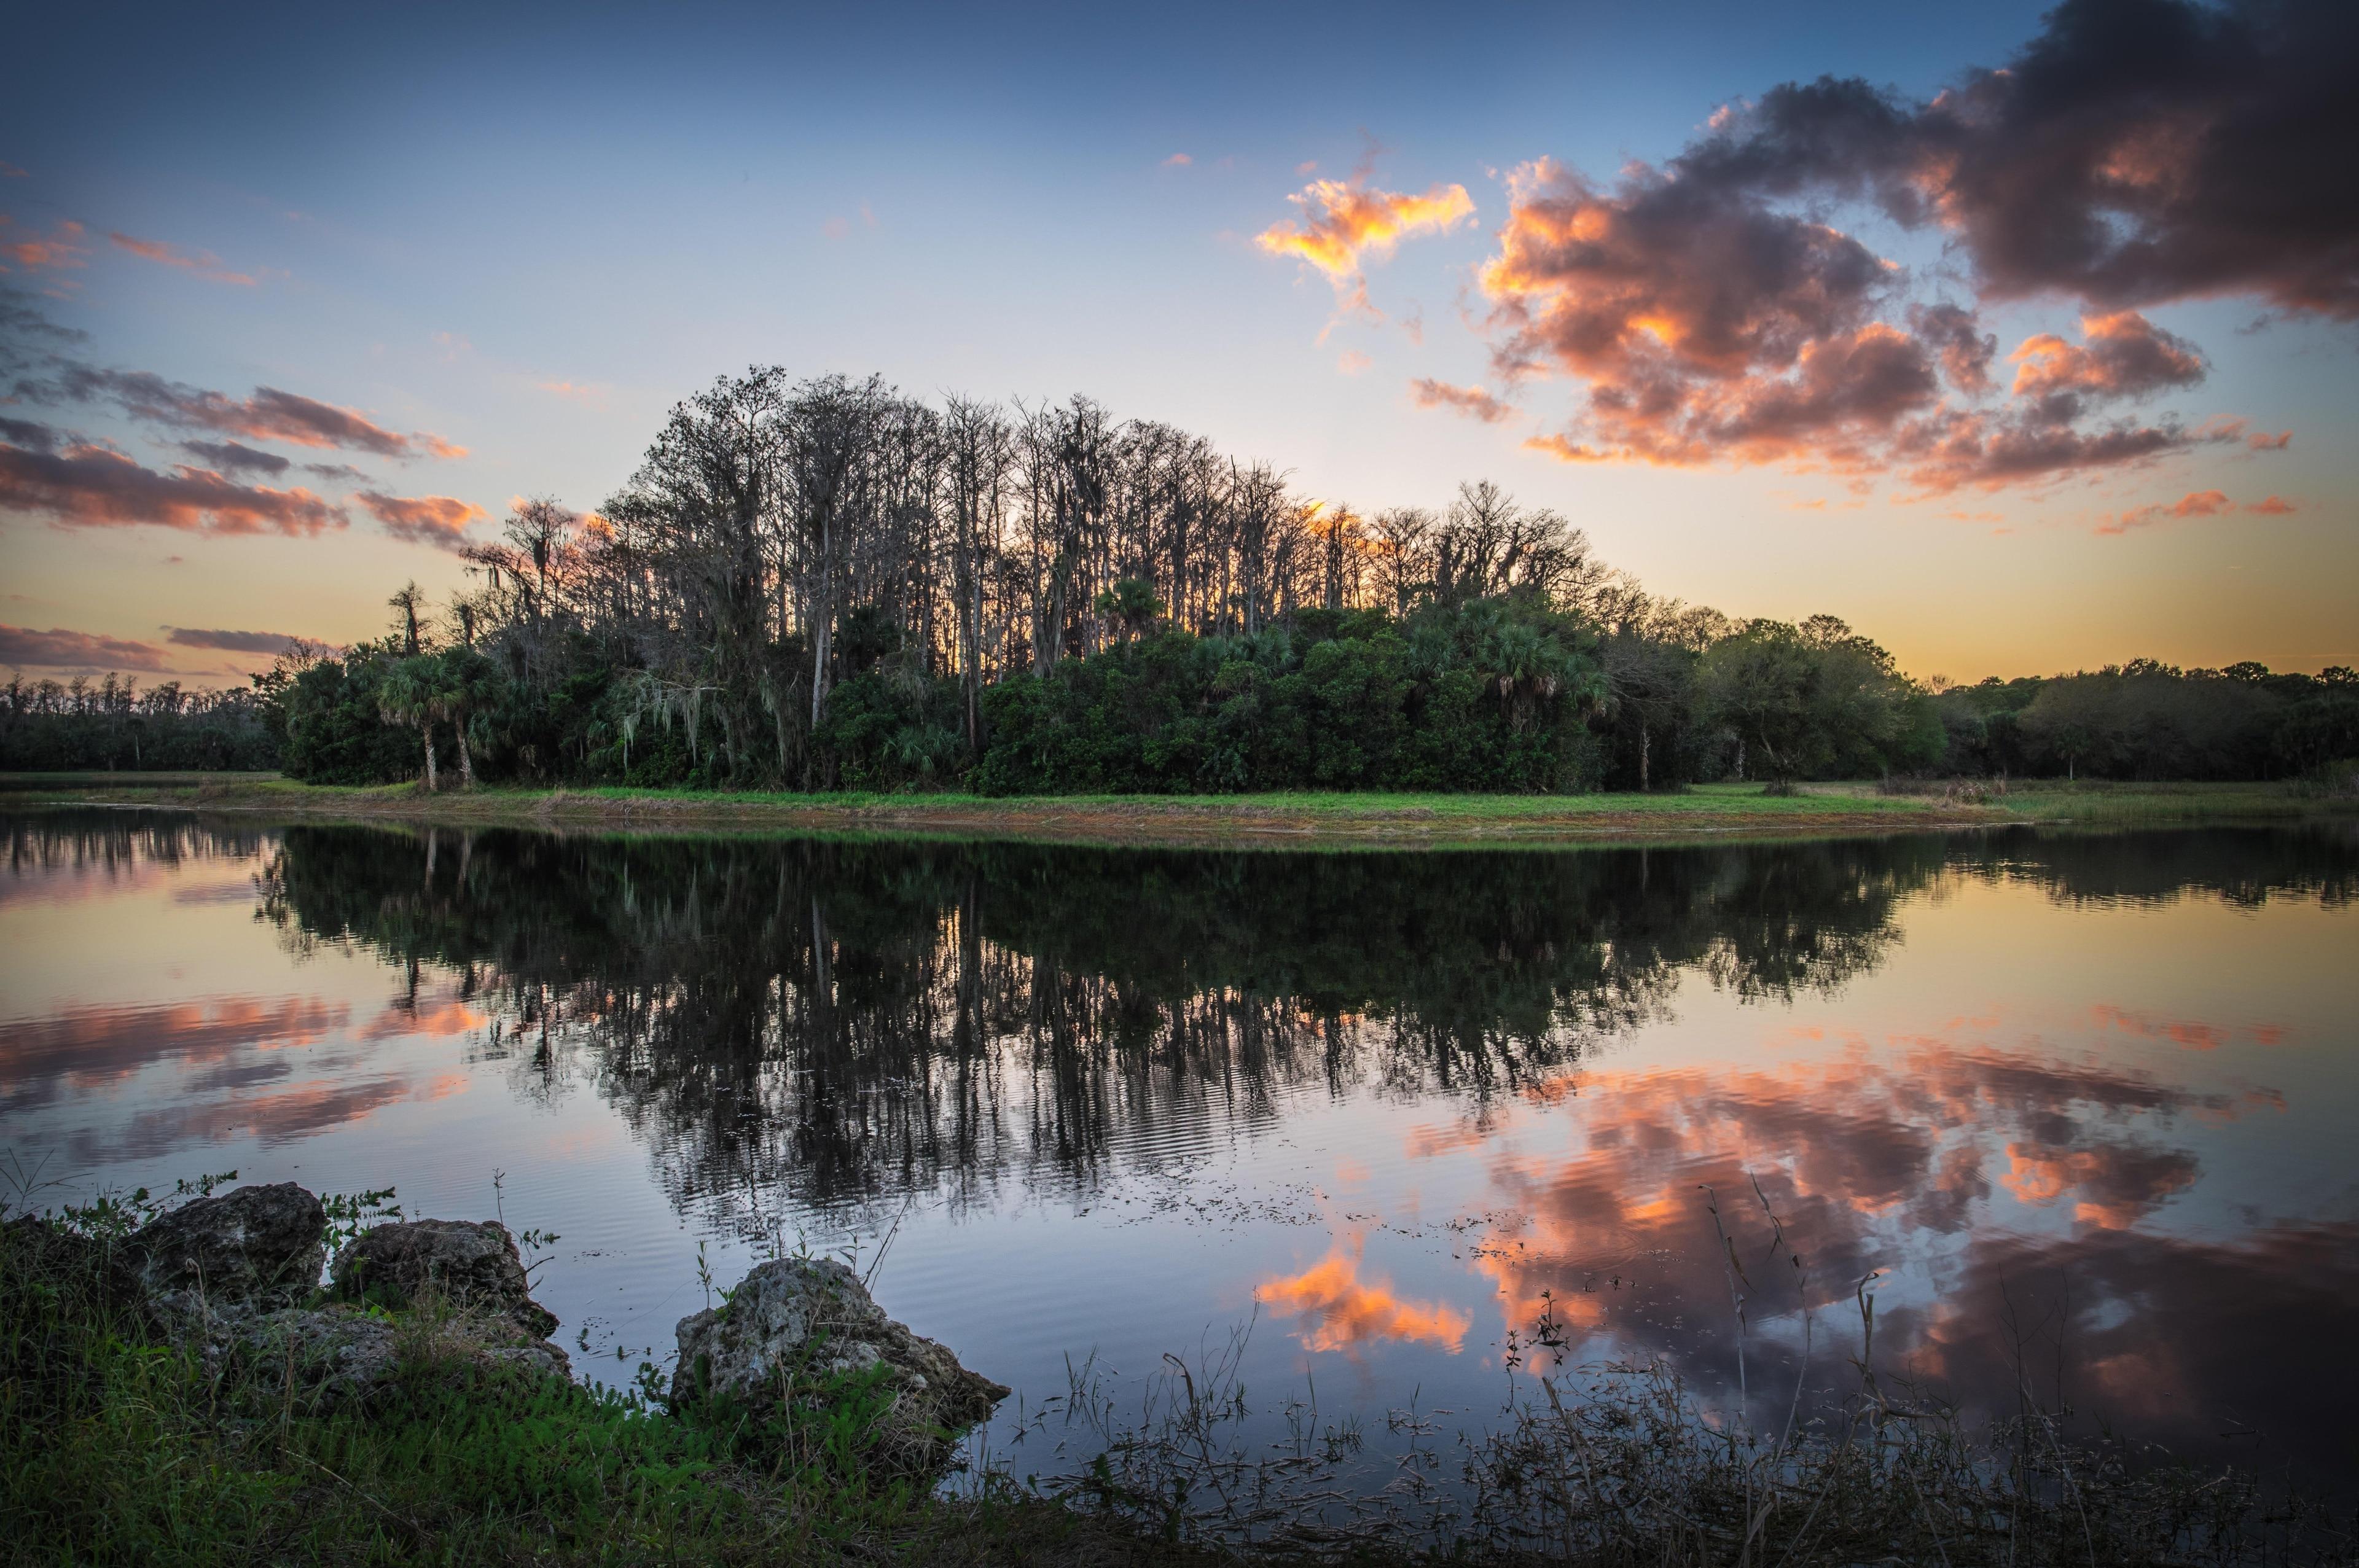 Lehigh Acres, Florida, USA